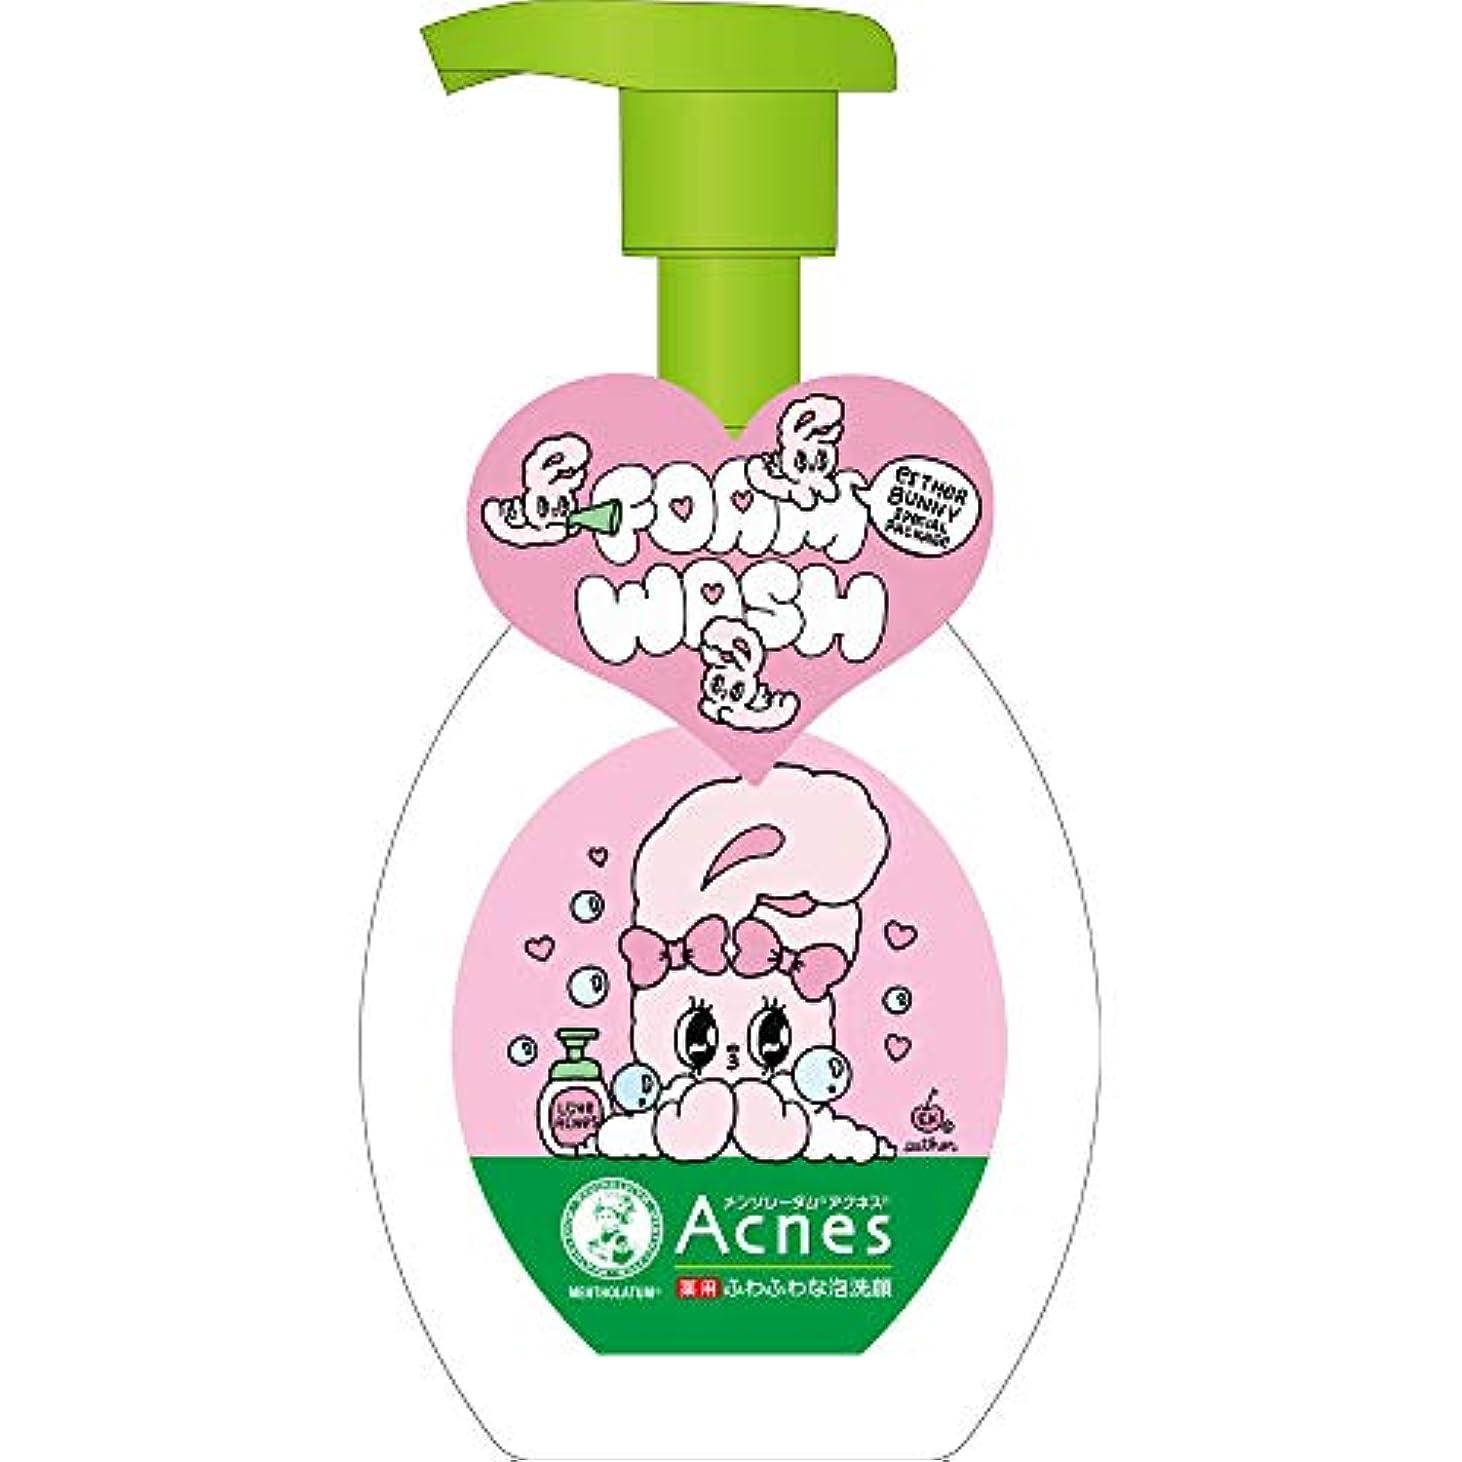 とんでもない作るたるみメンソレータム アクネス 薬用ふわふわな泡洗顔 エスターバニー企画品